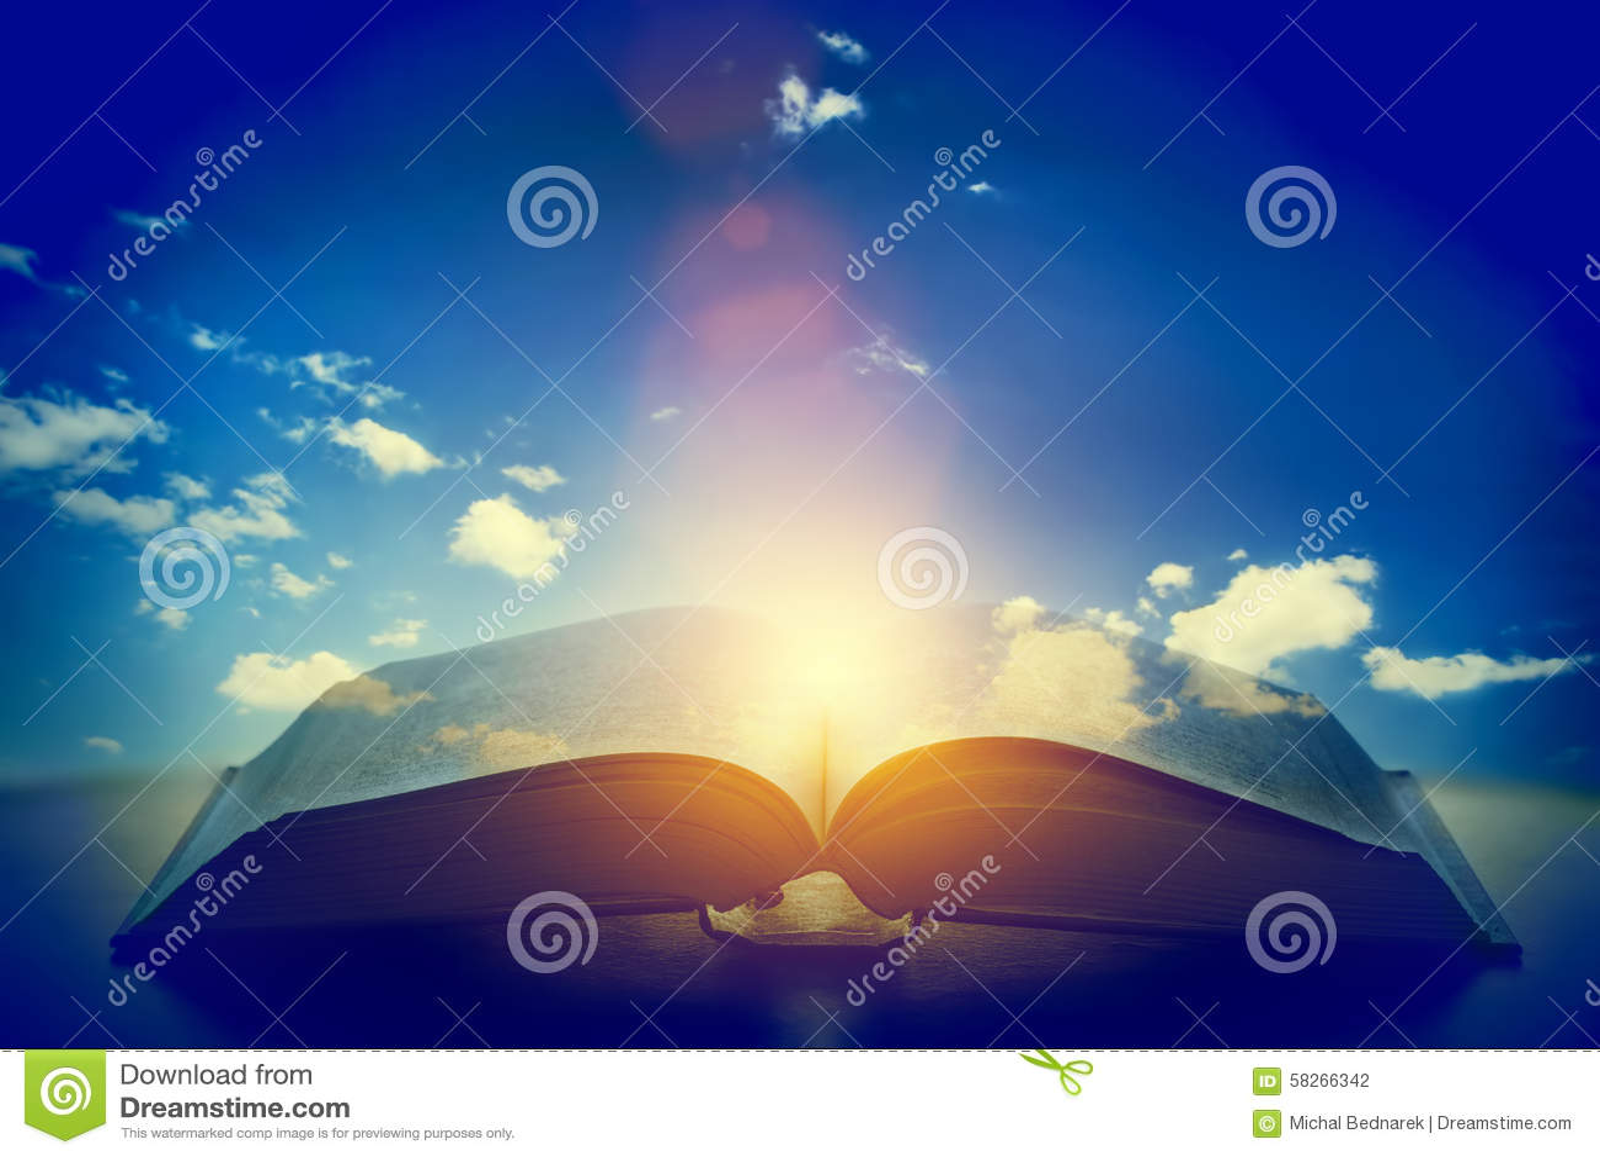 Öppna den gamla boken, ljus från himlen, himmel Utbildning religionbegrepp